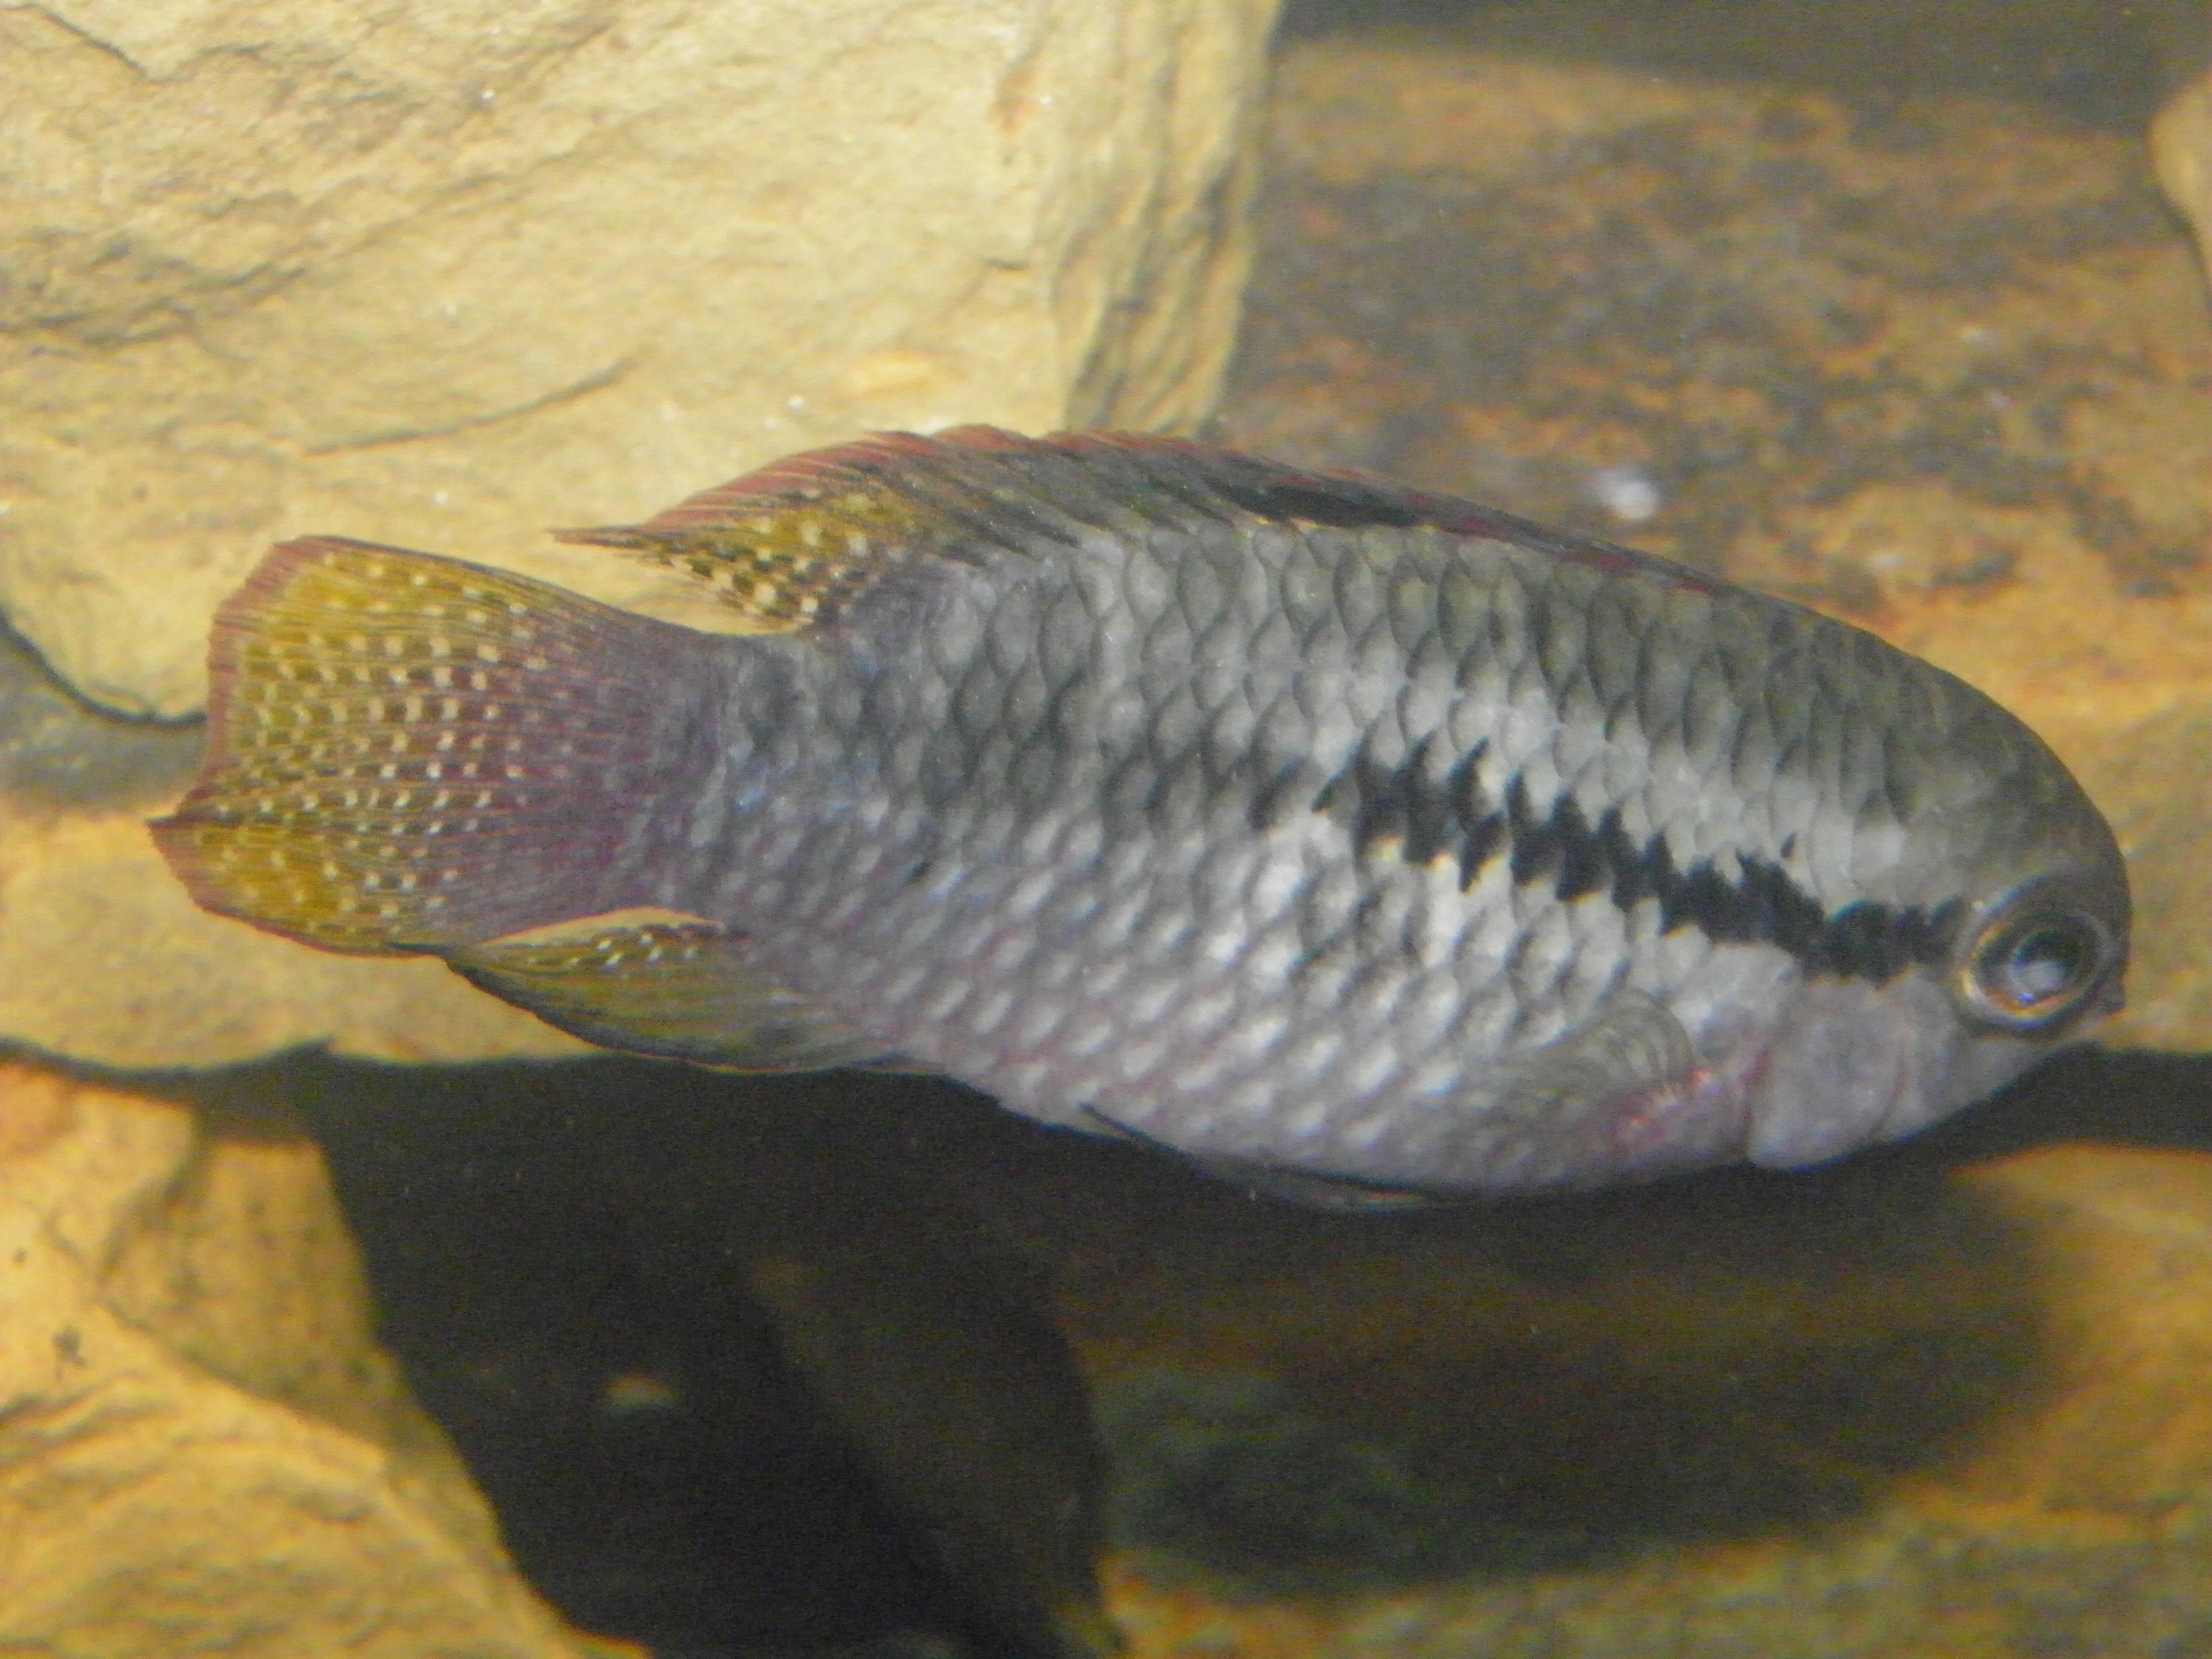 cichlids.com: Dwarf Flag Cichlid